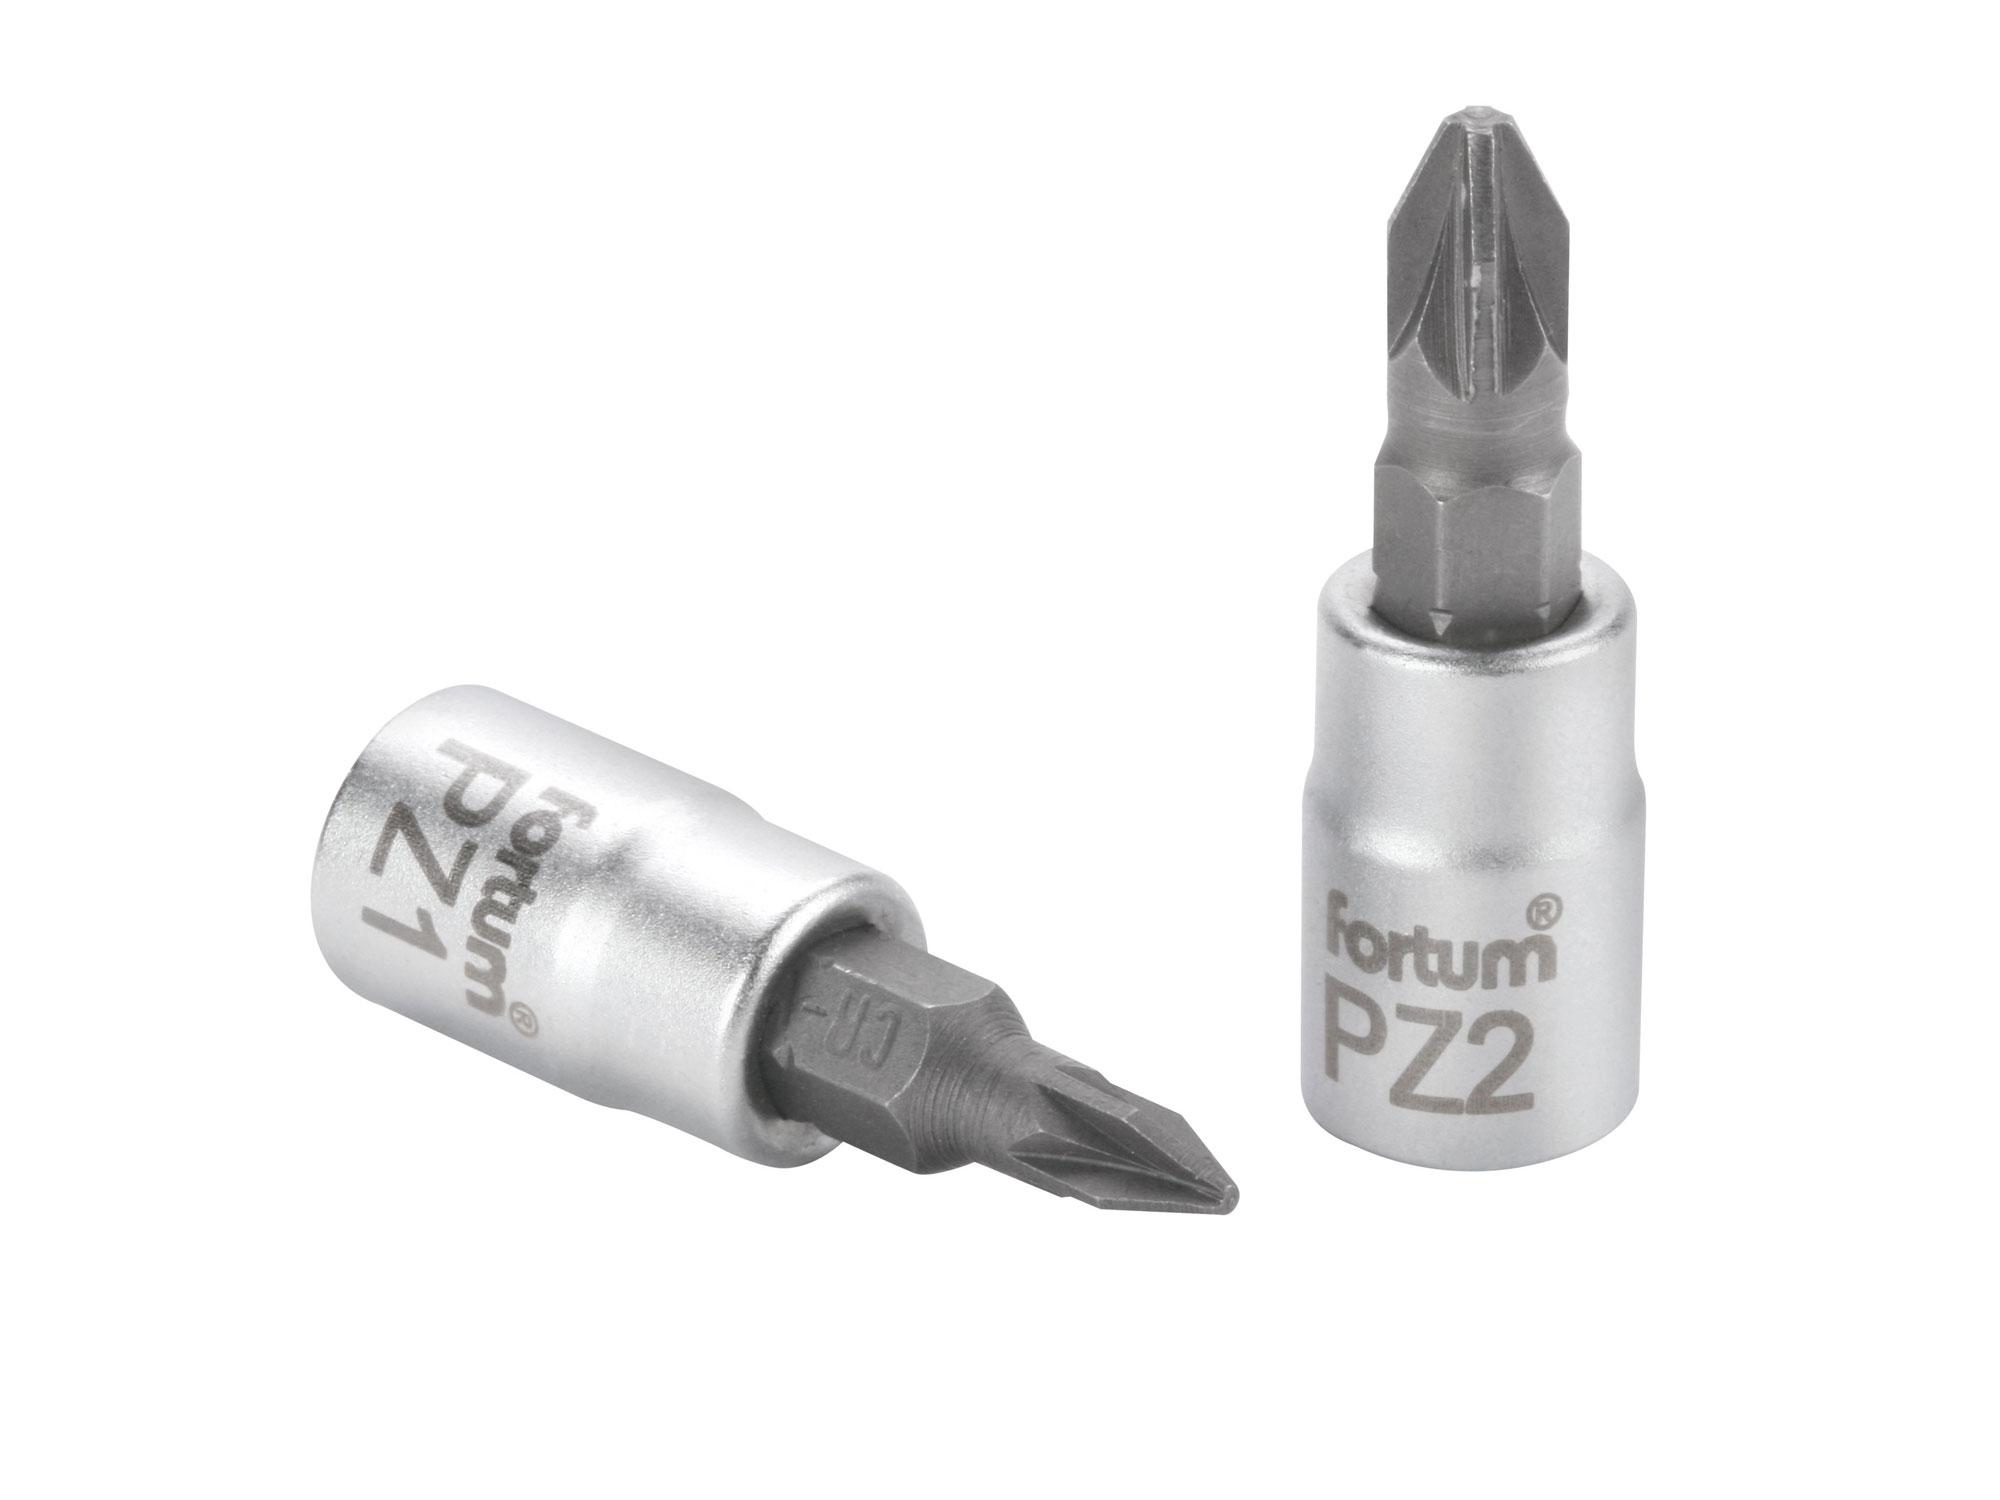 """Hlavice zástrčná 1/4"""" hrot pozidriv, PZ 1, L 37mm FORTUM 4701821"""